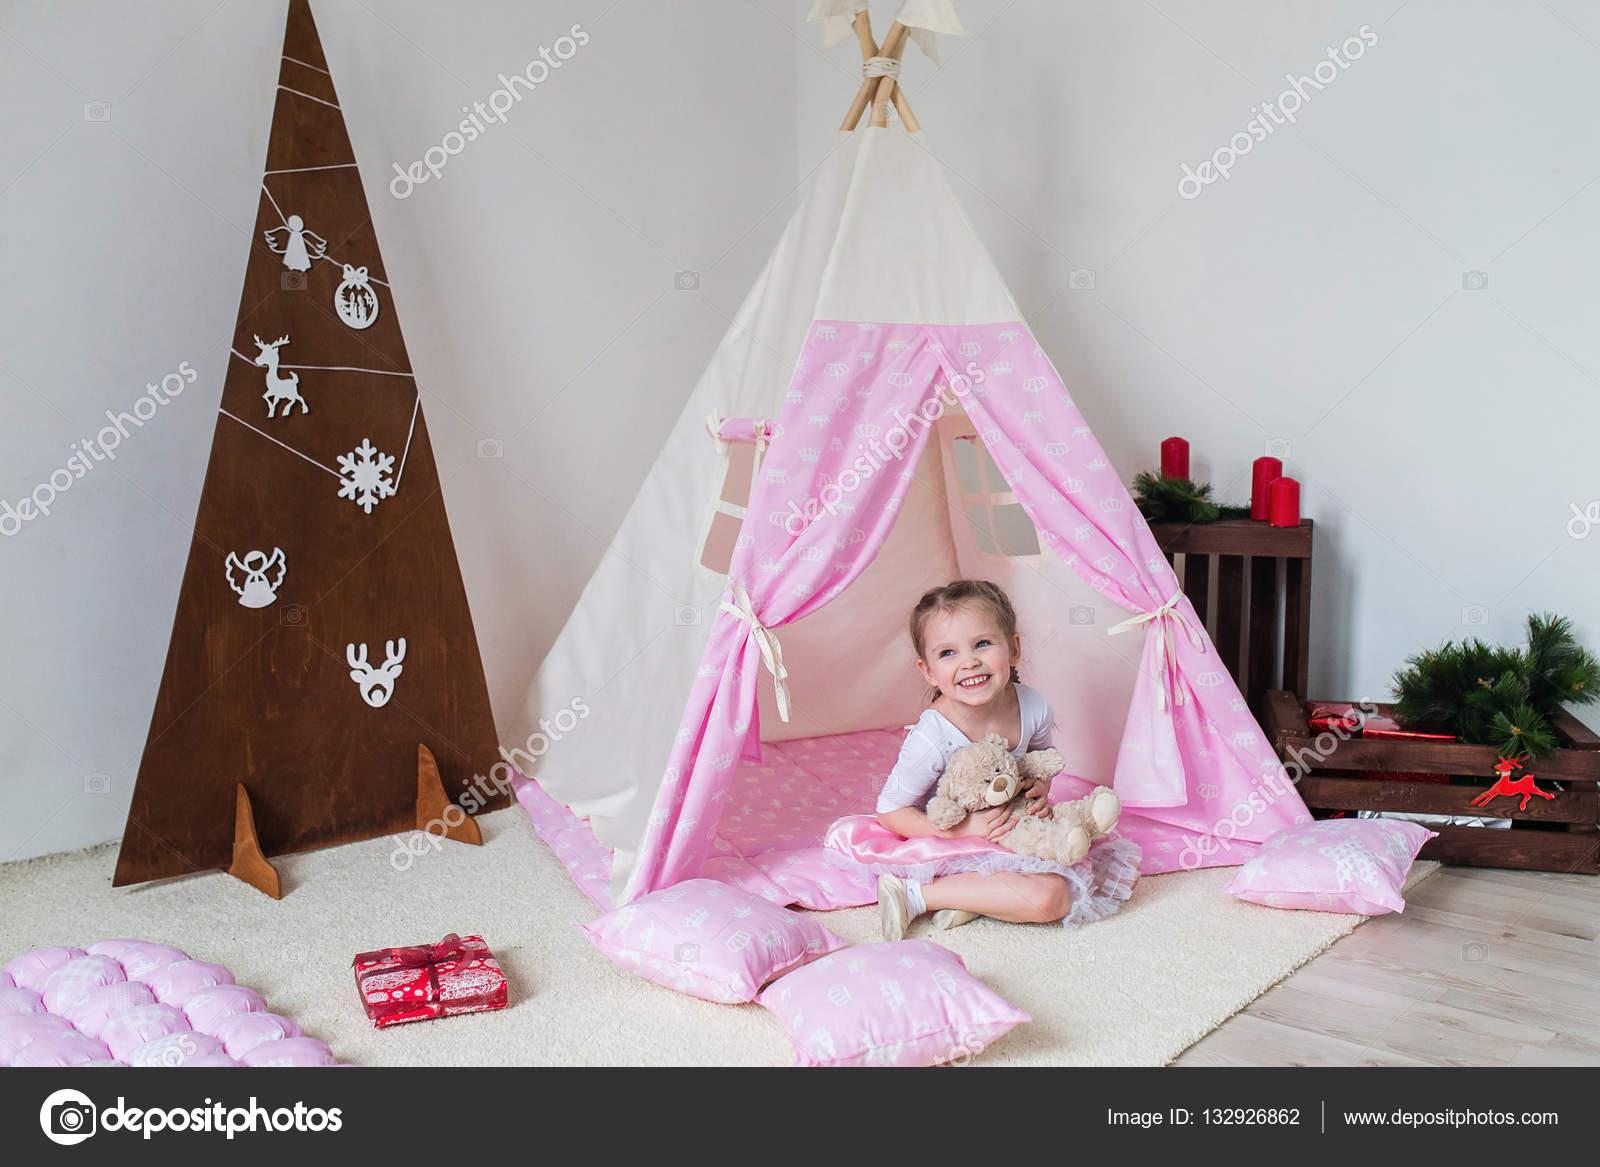 Enfant Heureux Dans Une Tente Tipi. Petite Fille Jouant Dans Une Tente U2014  Image De Familylifestyle